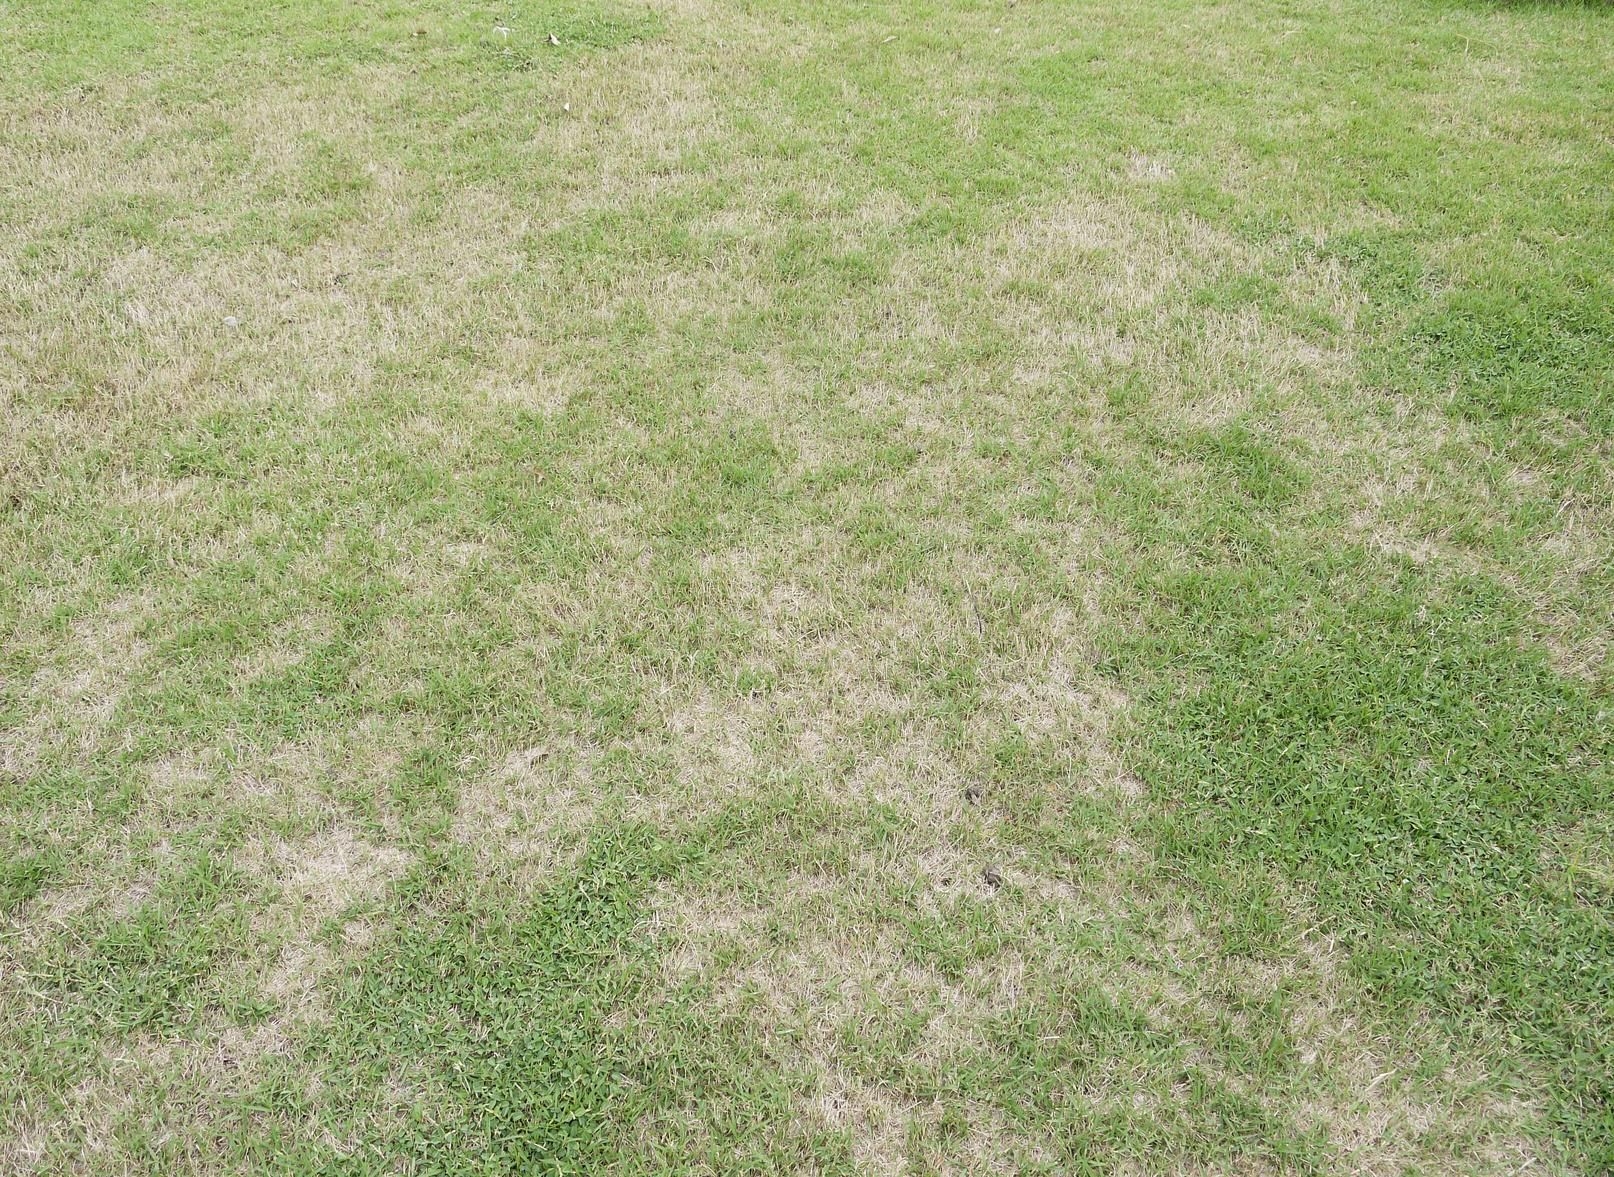 comment refaire une pelouse neuve apr s l 39 t. Black Bedroom Furniture Sets. Home Design Ideas